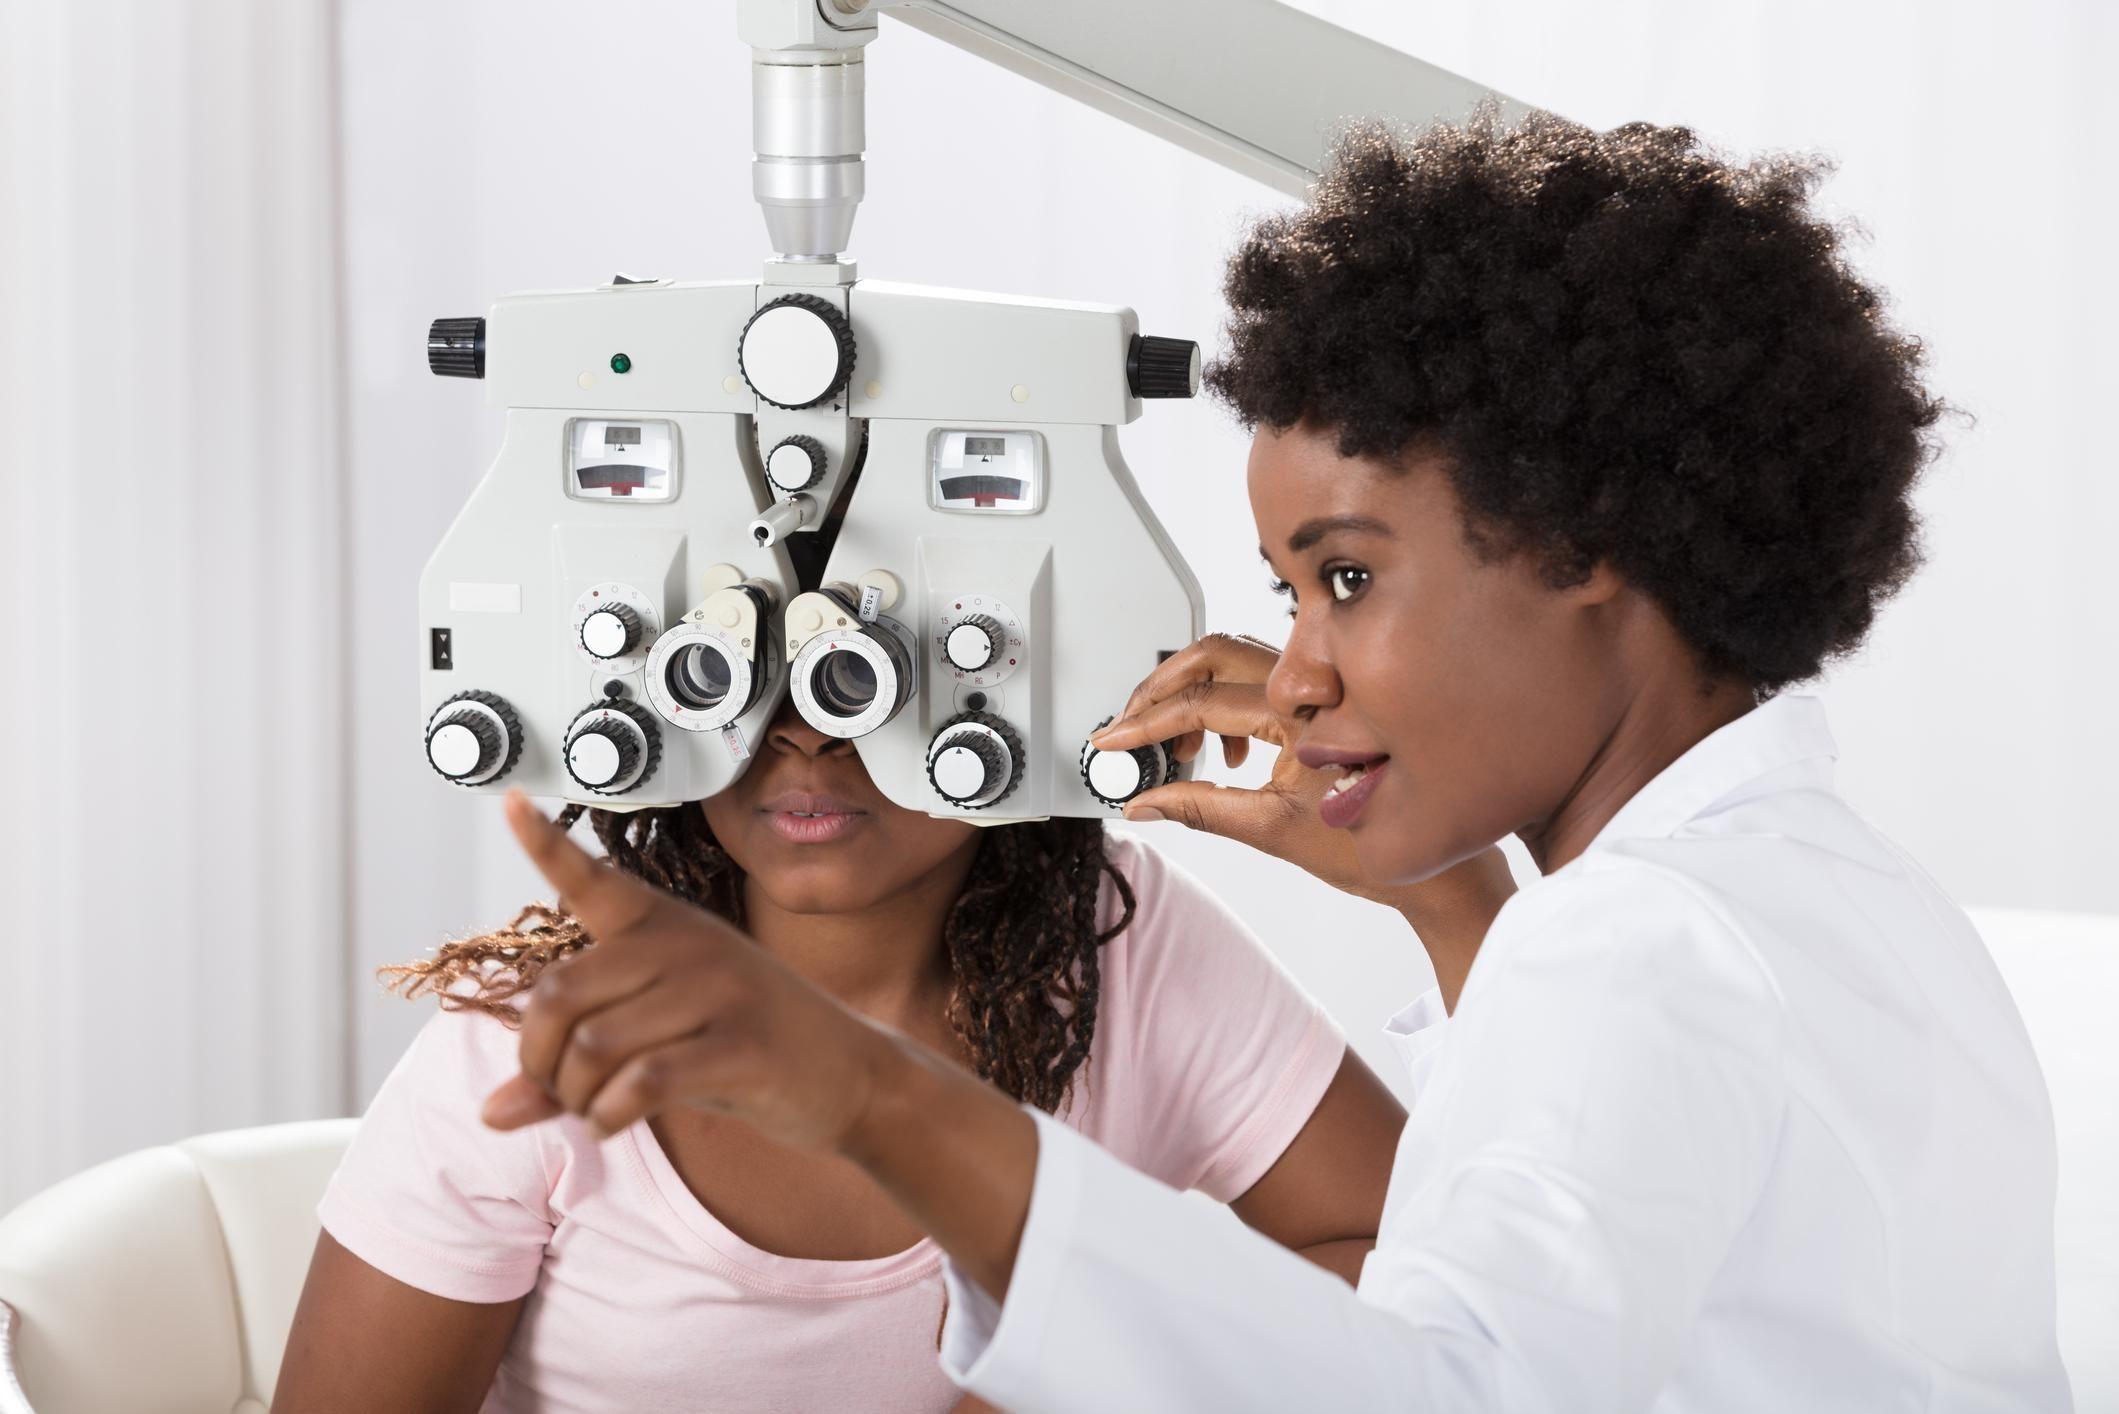 e4e5ae2b0b Les troubles de la vue (amétropies, astigmatisme, myopie, hypermétropie,  presbytie) - Symptômes et traitement - Doctissimo